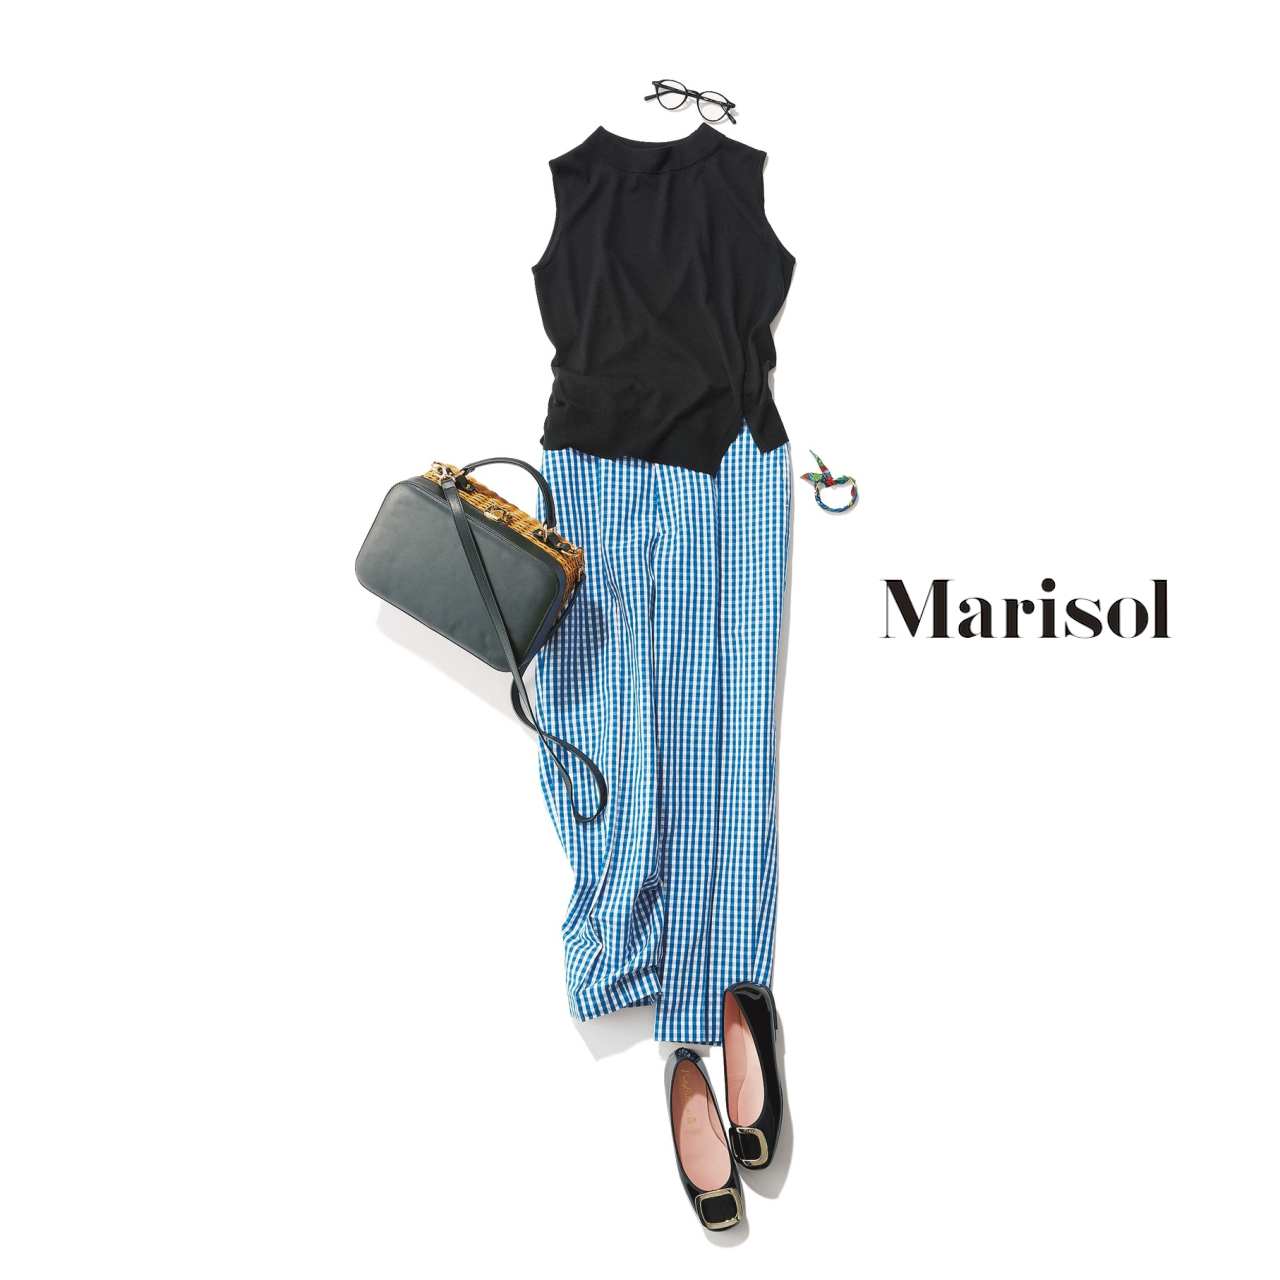 40代ファッション 黒カットソー×ギンガムチェック柄パンツコーデ